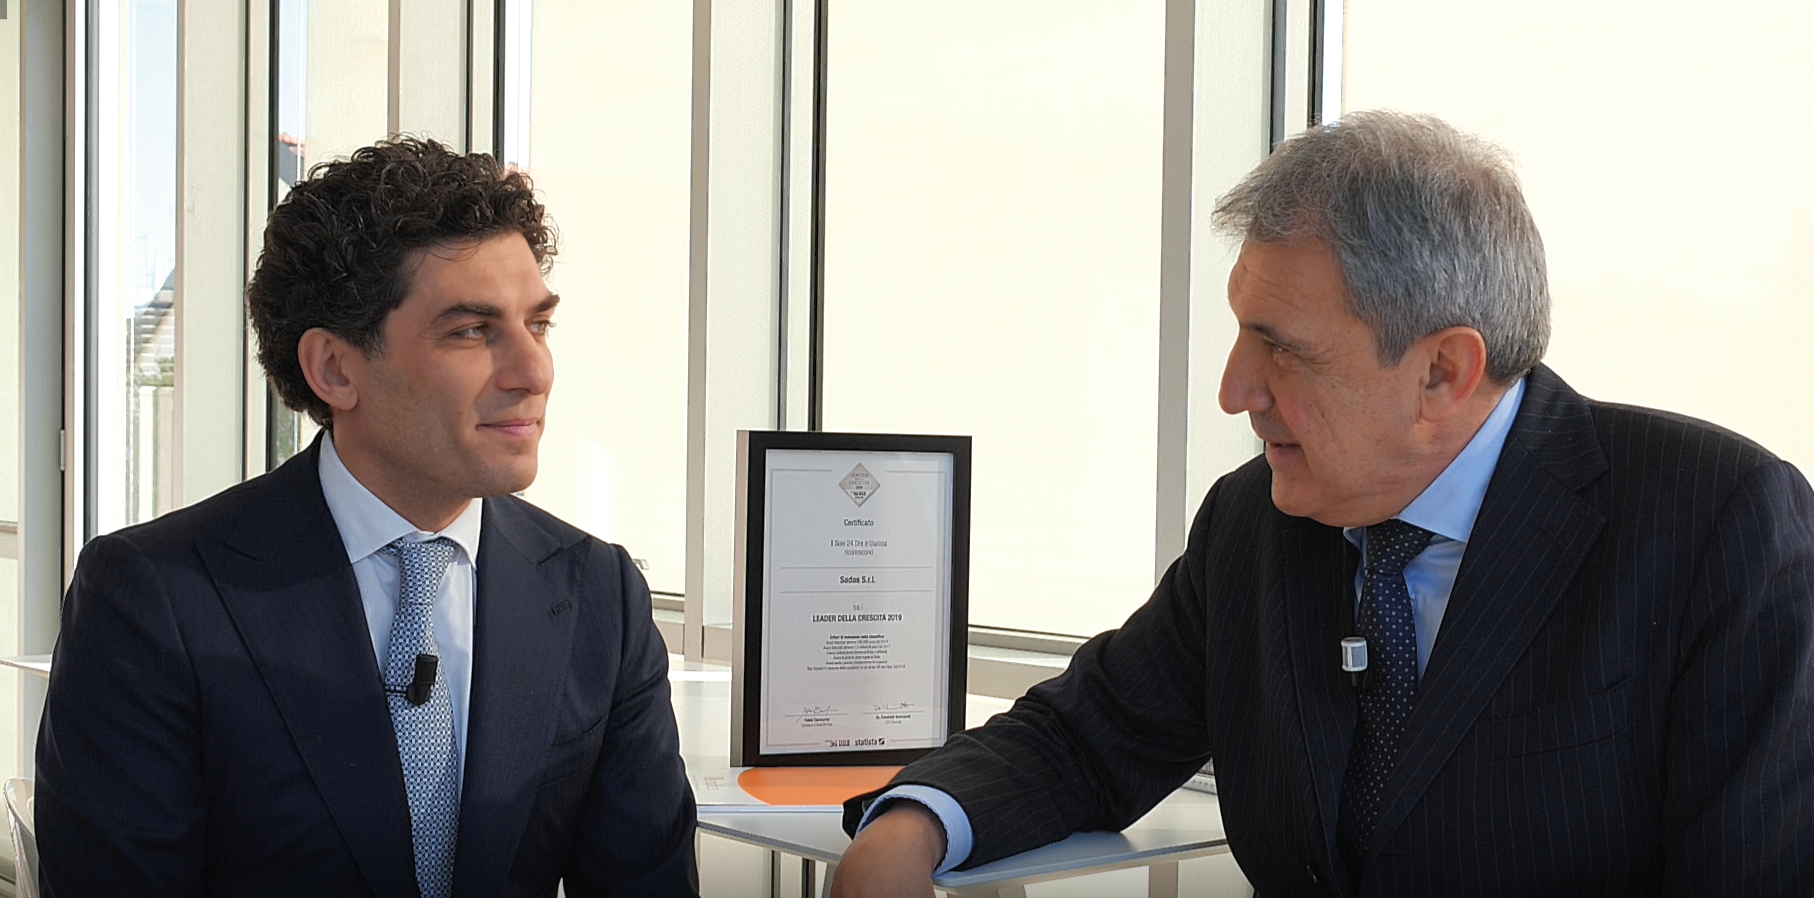 Roberto Goglia, Sadas s.r.l. e Franco Giacotti, Dedalo s.r.l. durante l'intervista per Lease 2019